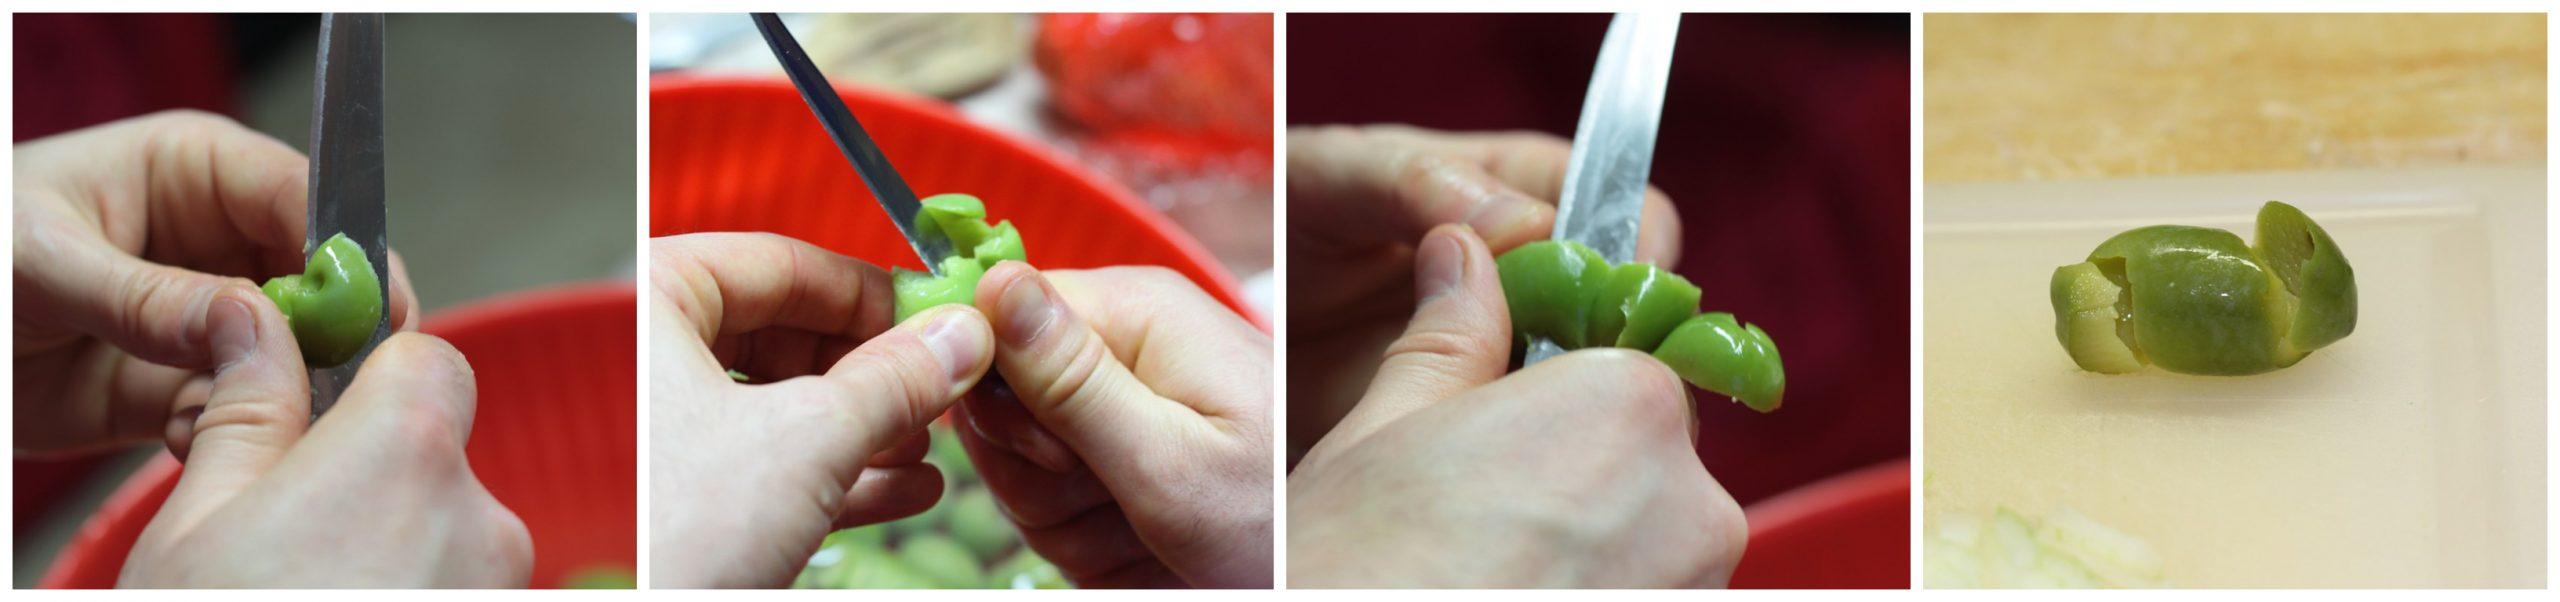 Come tagliare le olive